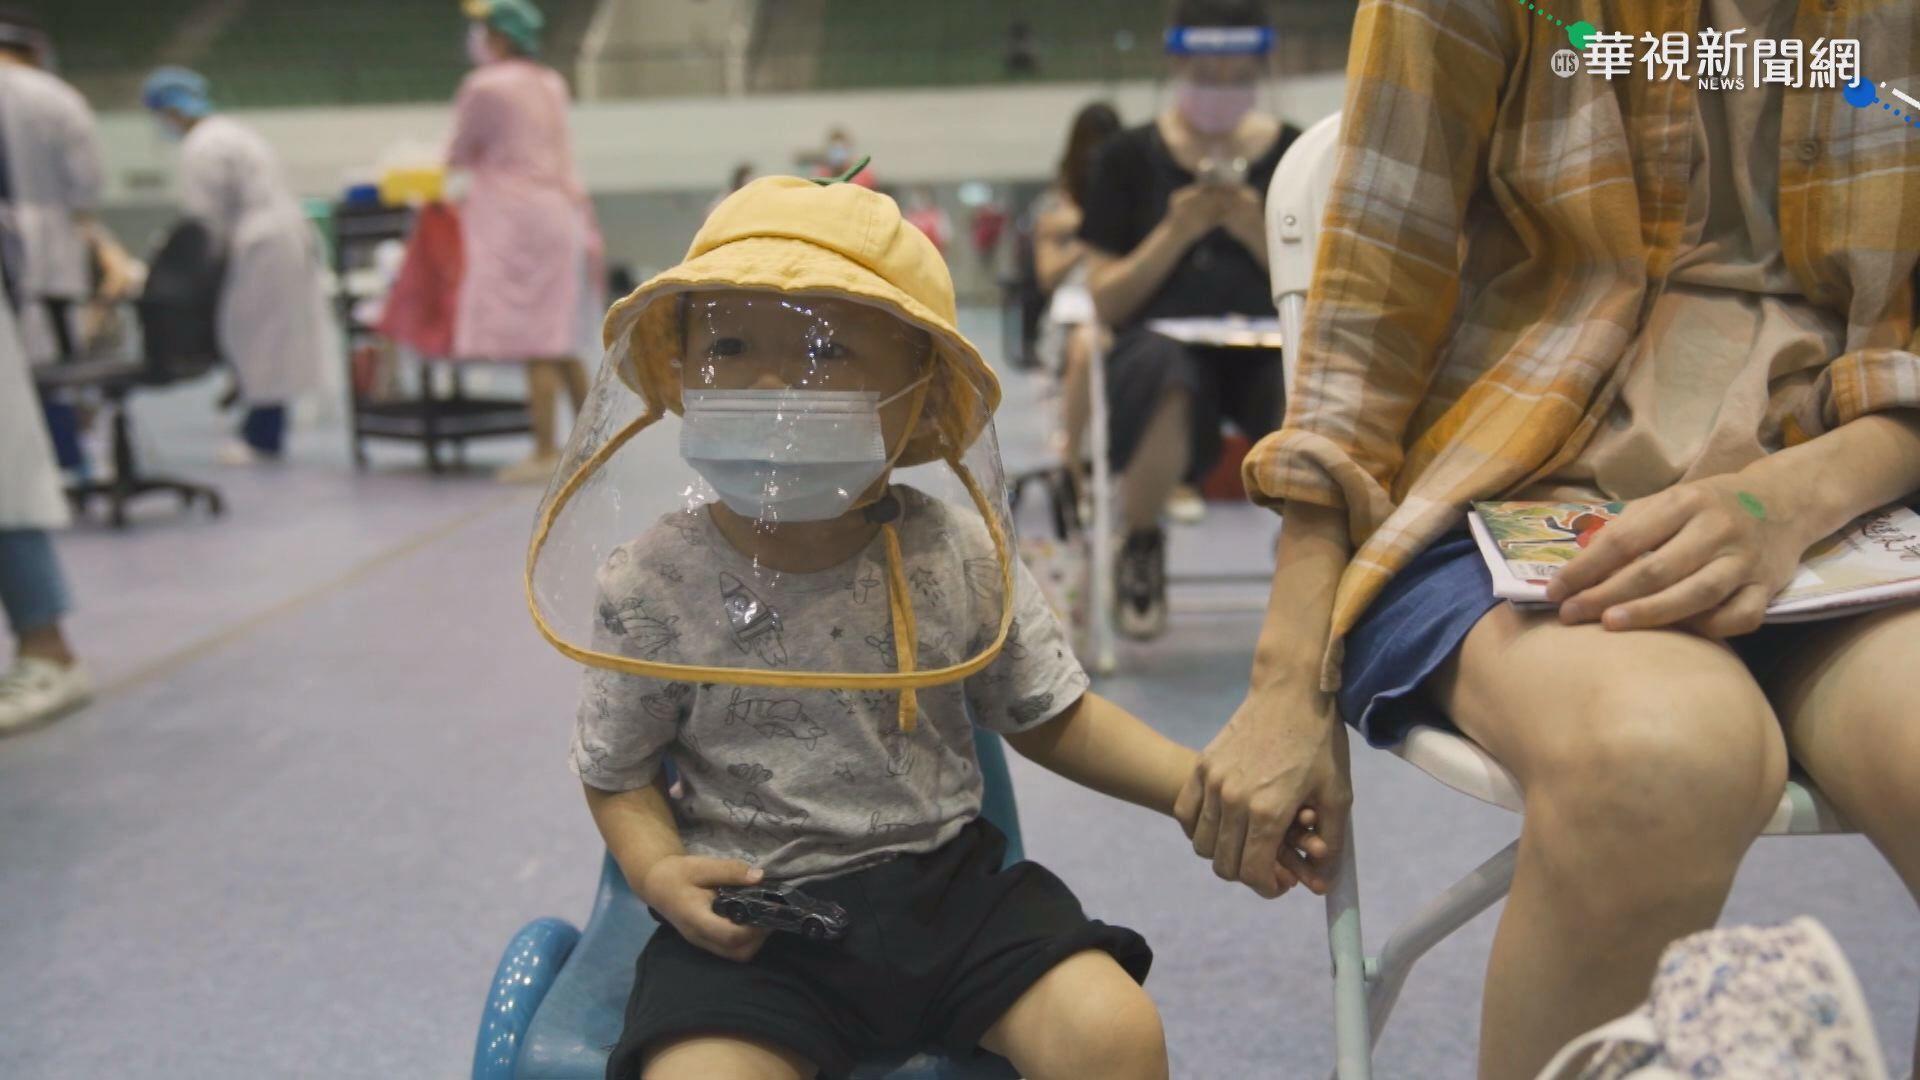 竹市孕婦疫苗開打 2歲兒緊牽母手打氣